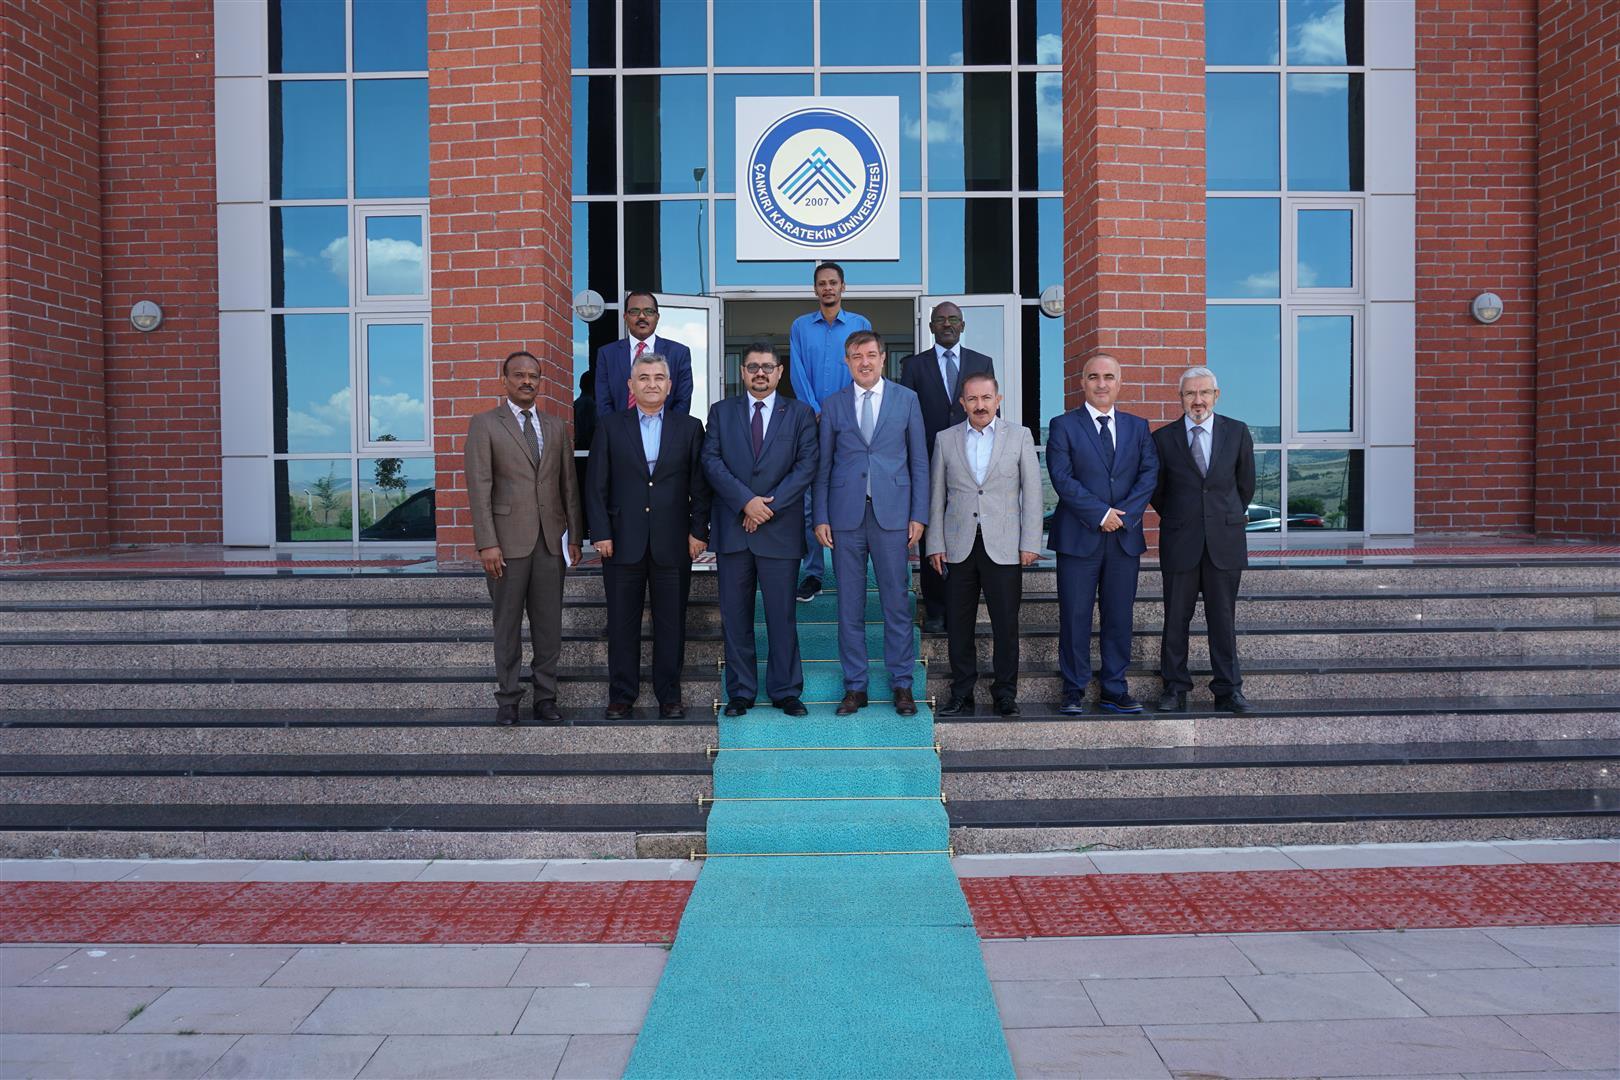 Sudan Büyükelçisi Kordofani Rektörümüzü Makamında Ziyaret Etti Resim